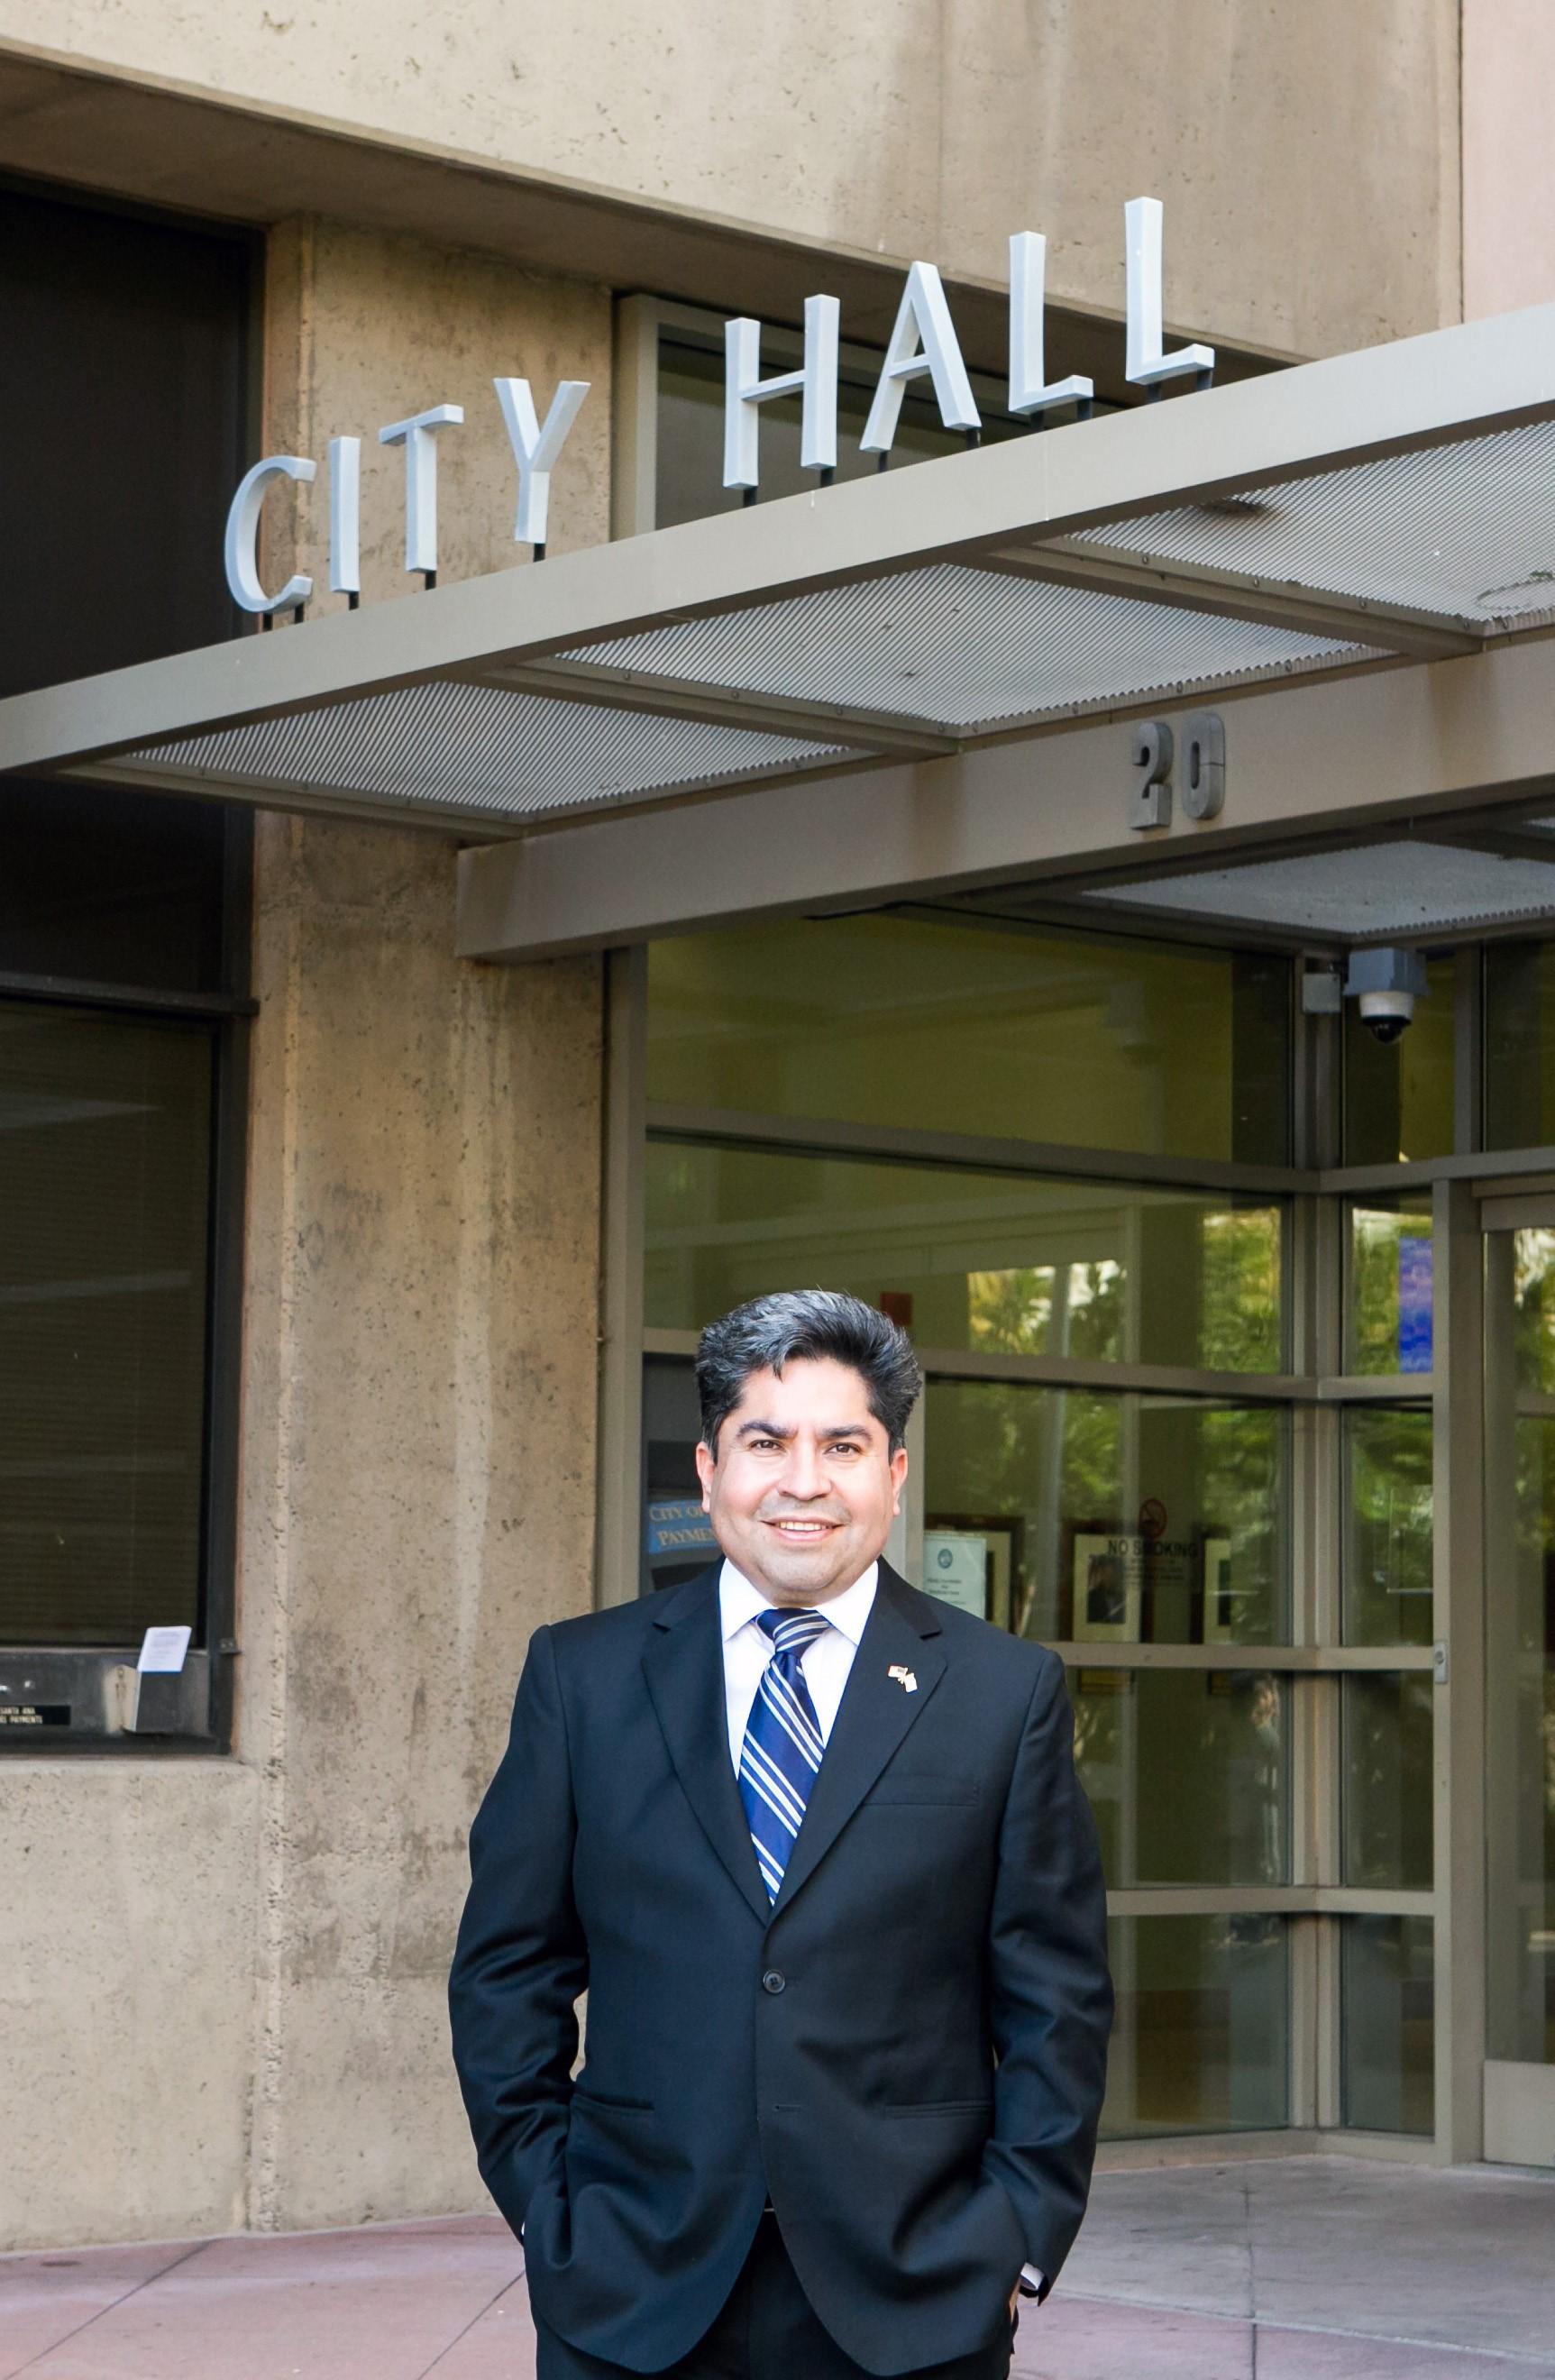 Thành phố Santa Ana trợ cấptiền thuê nhàcho cưdâncó thu nhập thấp